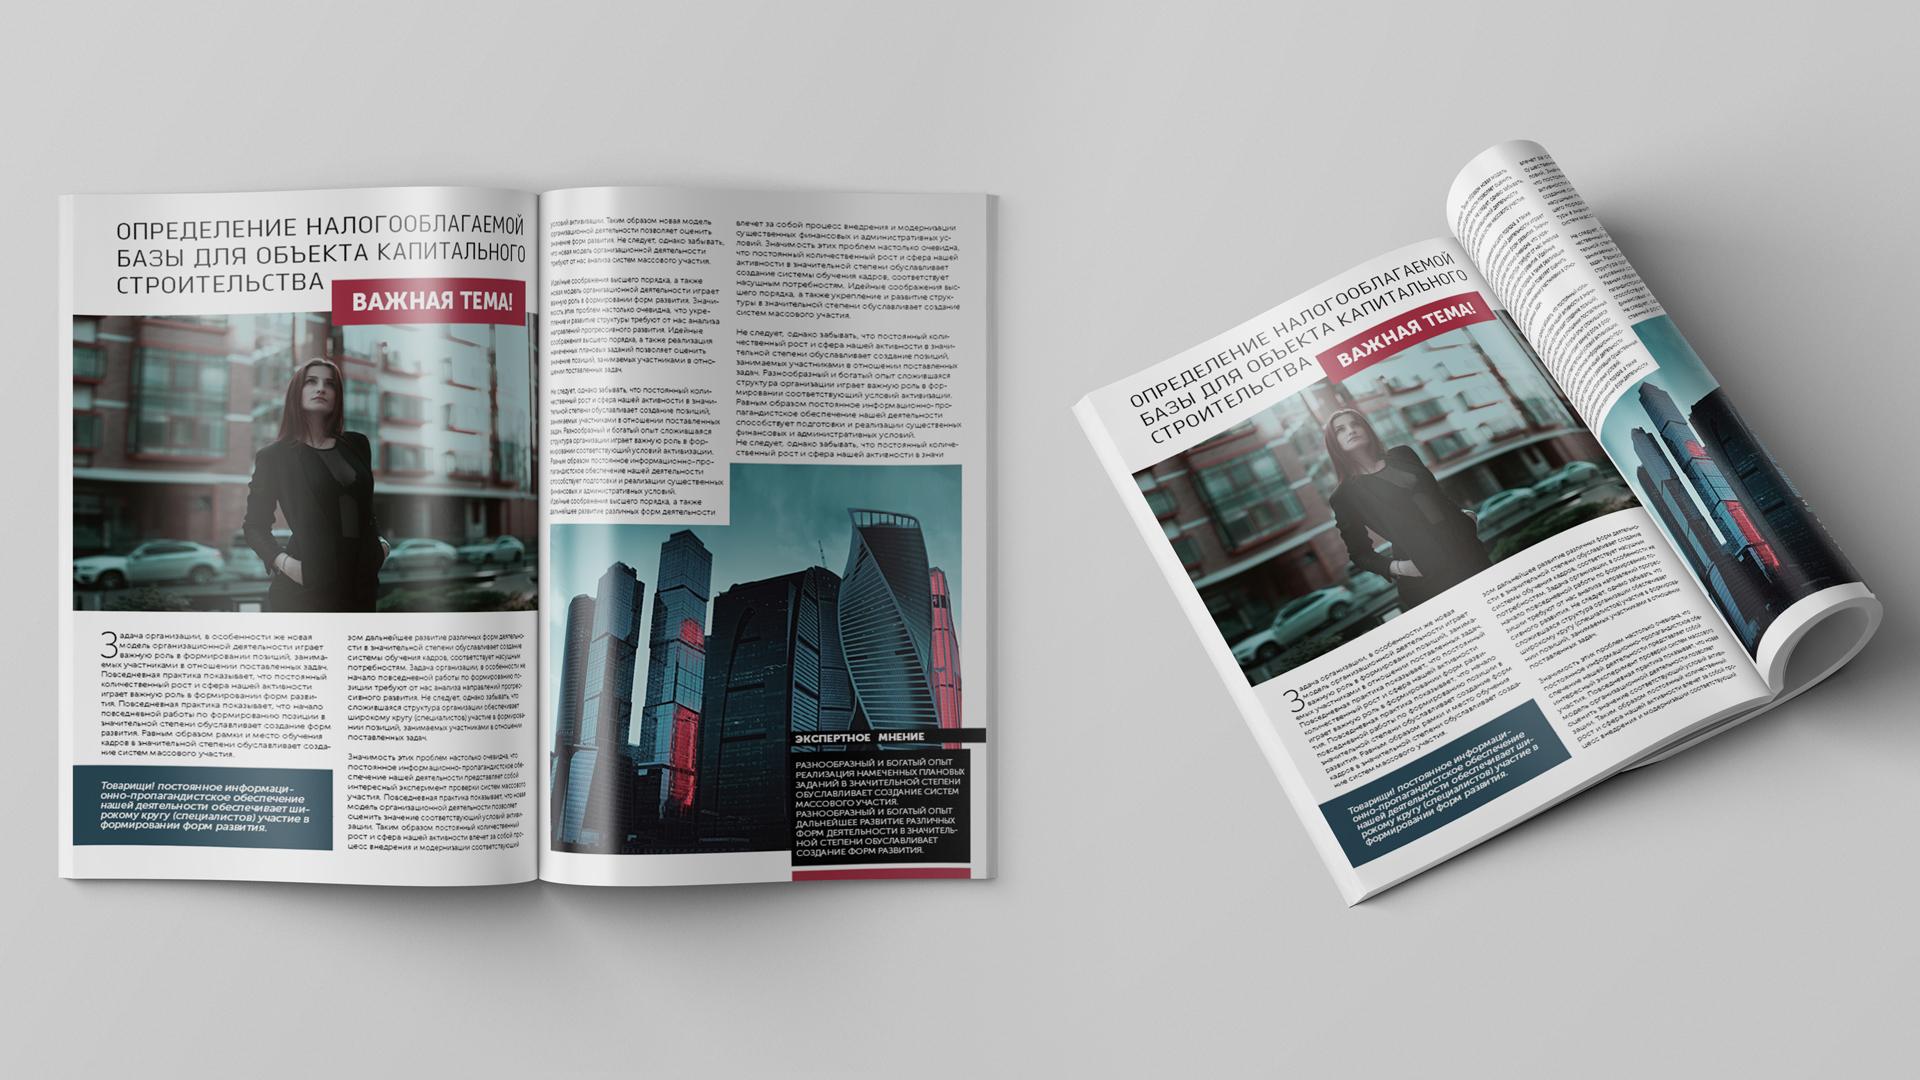 Разработка дизайна журнала фото f_9945874ae503c169.jpg